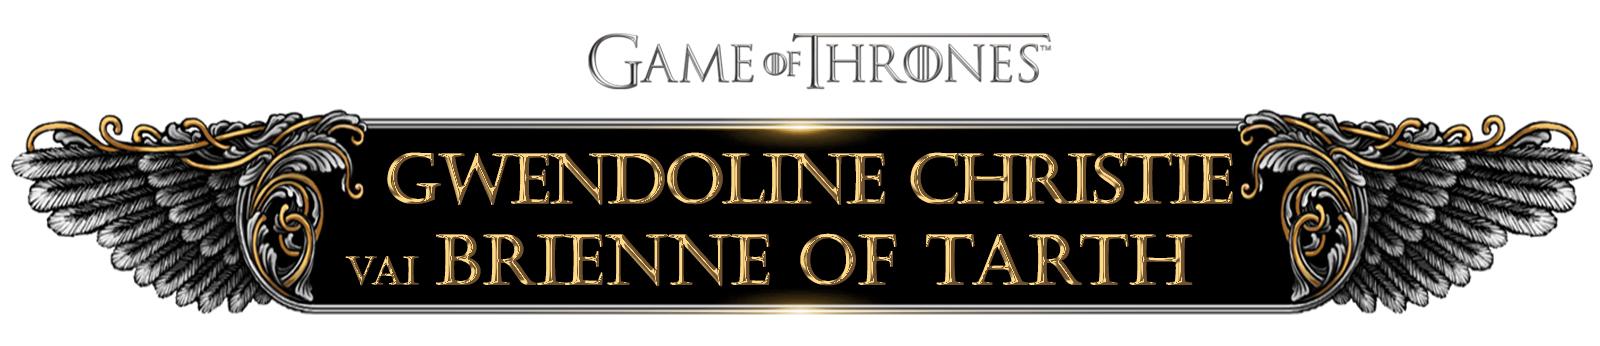 Họ đã có được những gì nhờ Game of Thrones?